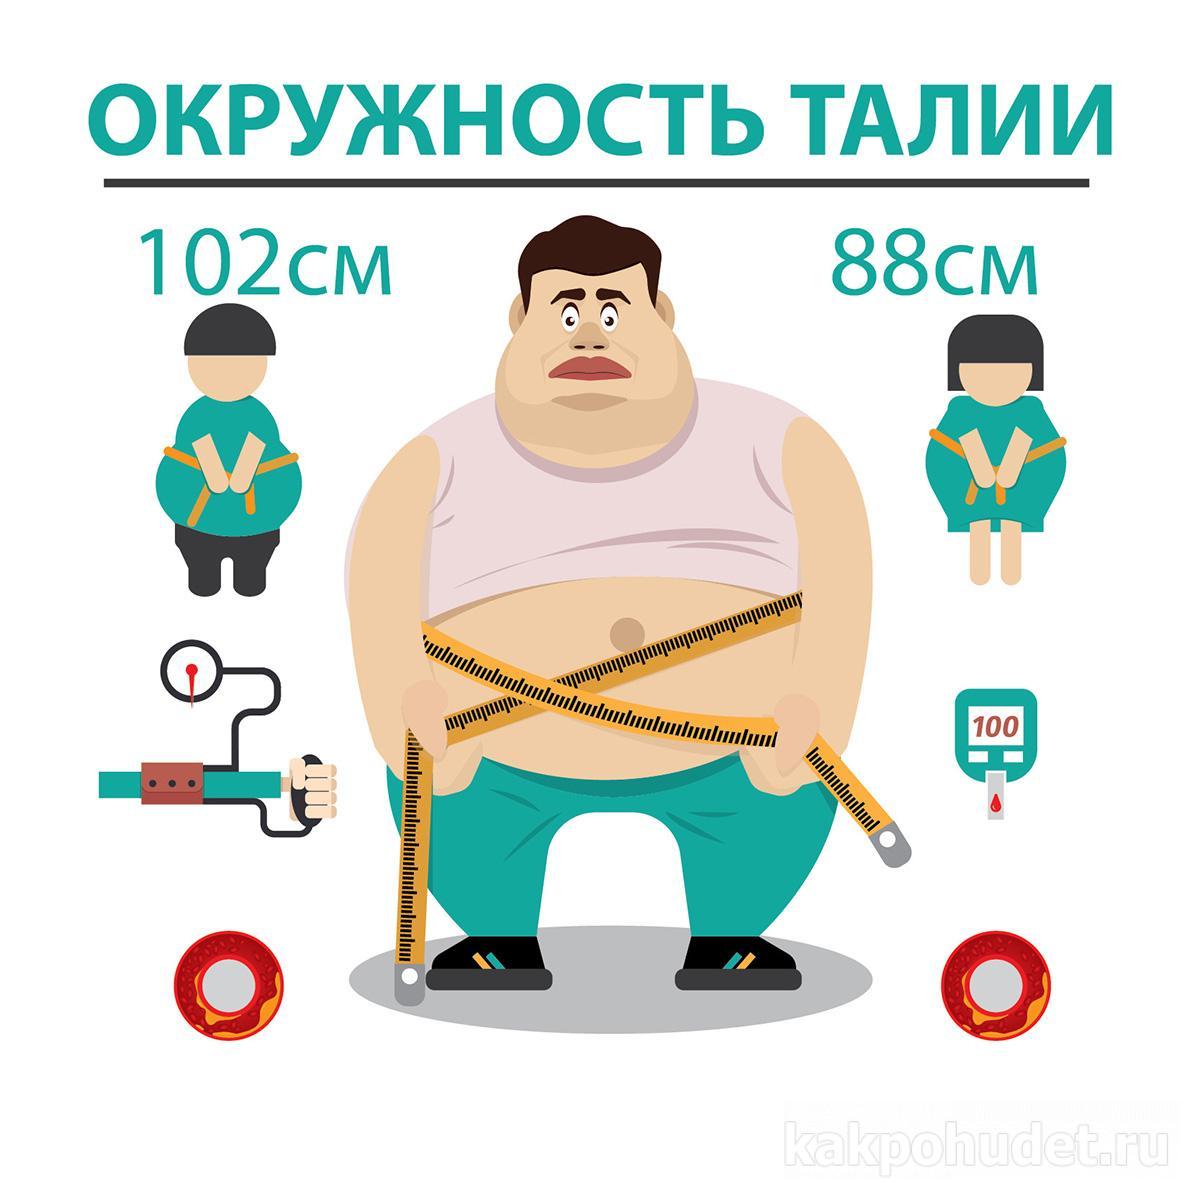 Ожирение и окружность талии